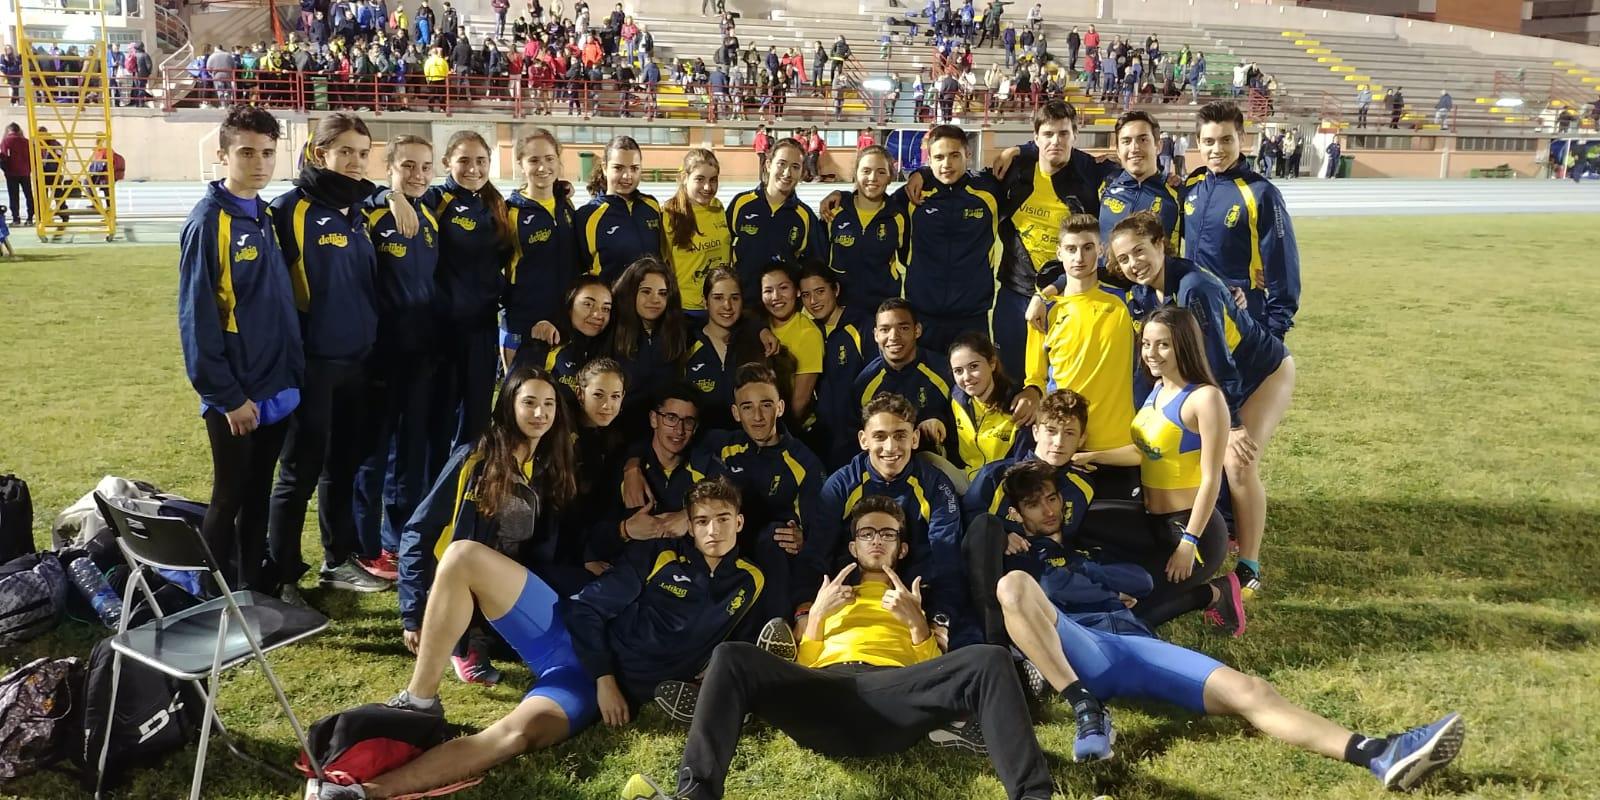 Fotografia de grup amb els atletes 'groguets' a Elx després de celebrar-se el campionat, dissabte passat.